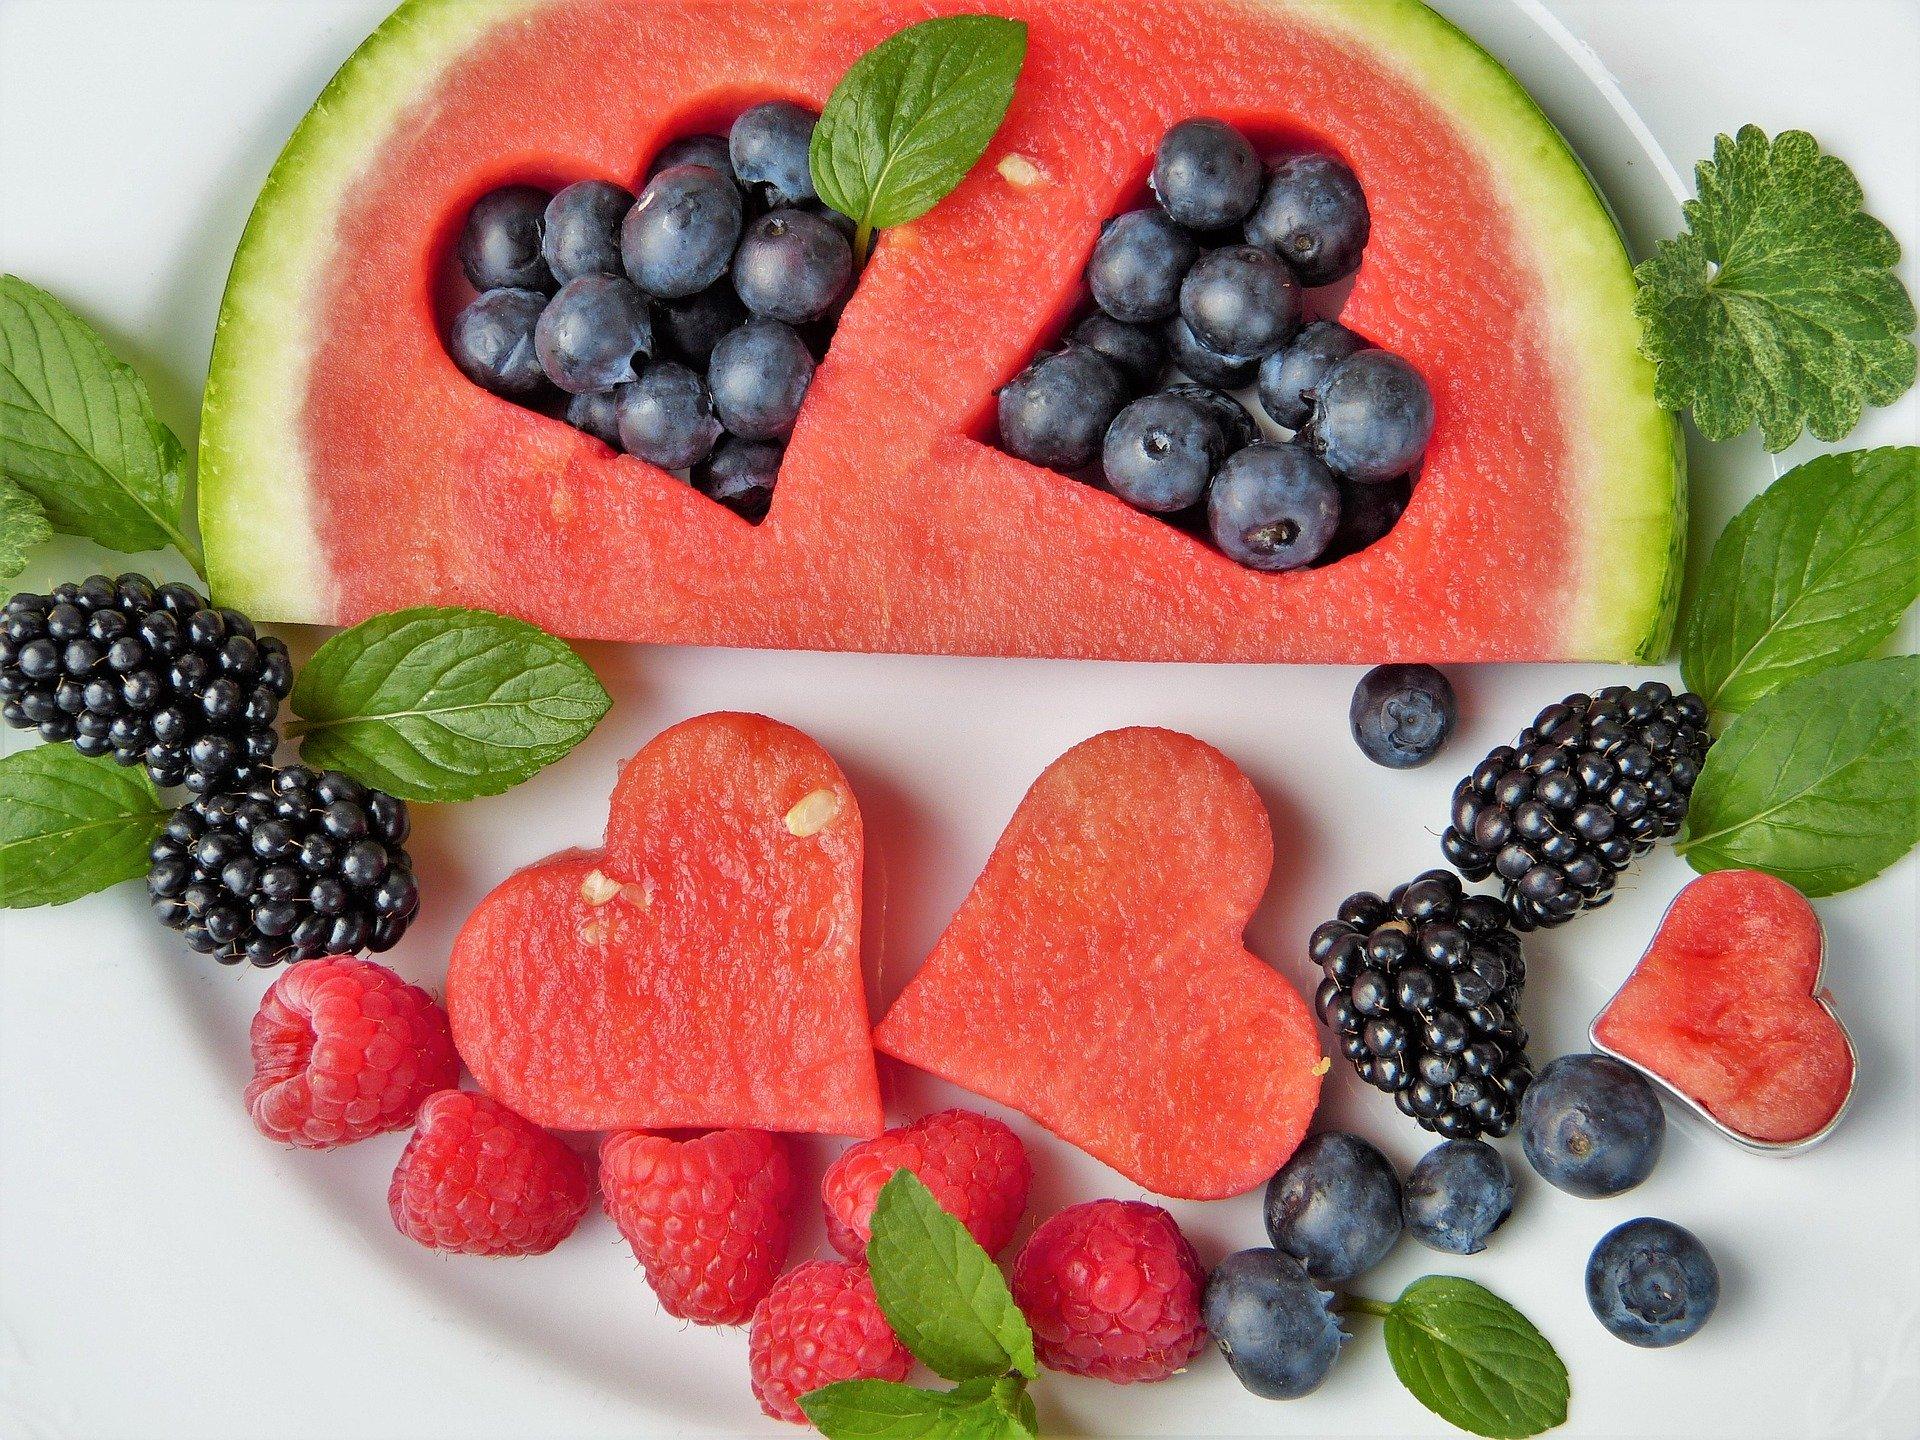 Pourquoi vaut-il mieux ne consommer que des fruits et légumes de saison?